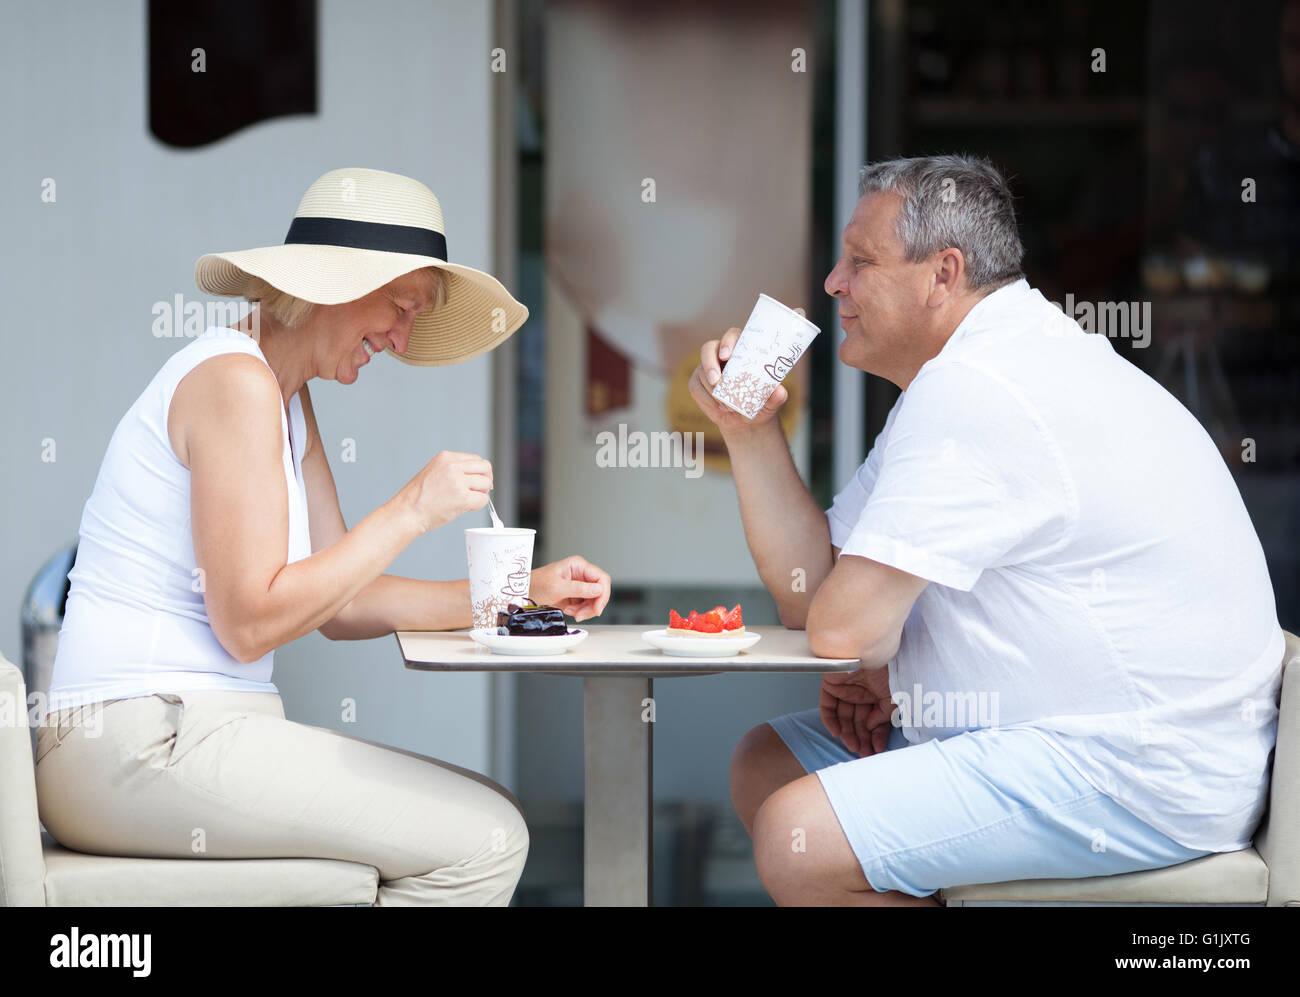 Paar genießt Kaffee und Desserts auf Cafe-Terrasse Stockfoto